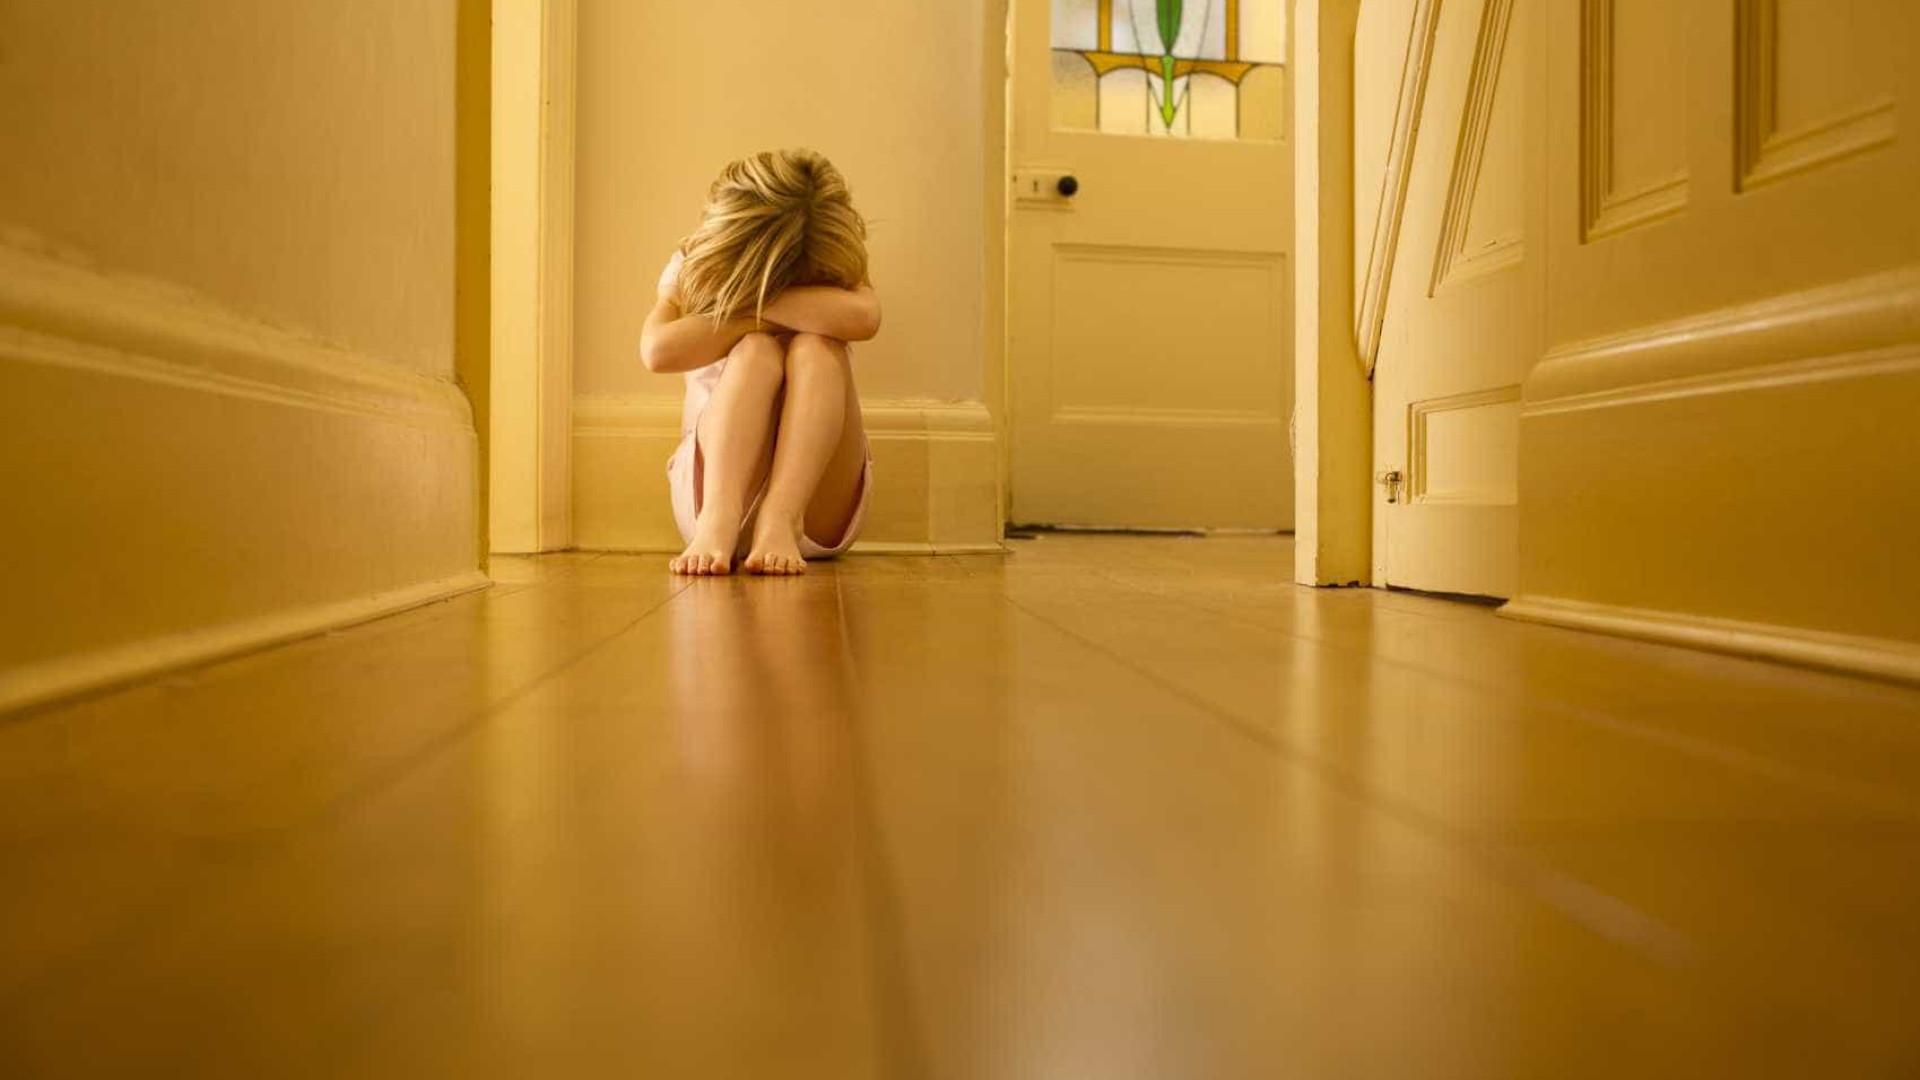 Mãe alcoolizada agrediu filha ao pontapé em hotel em Albufeira